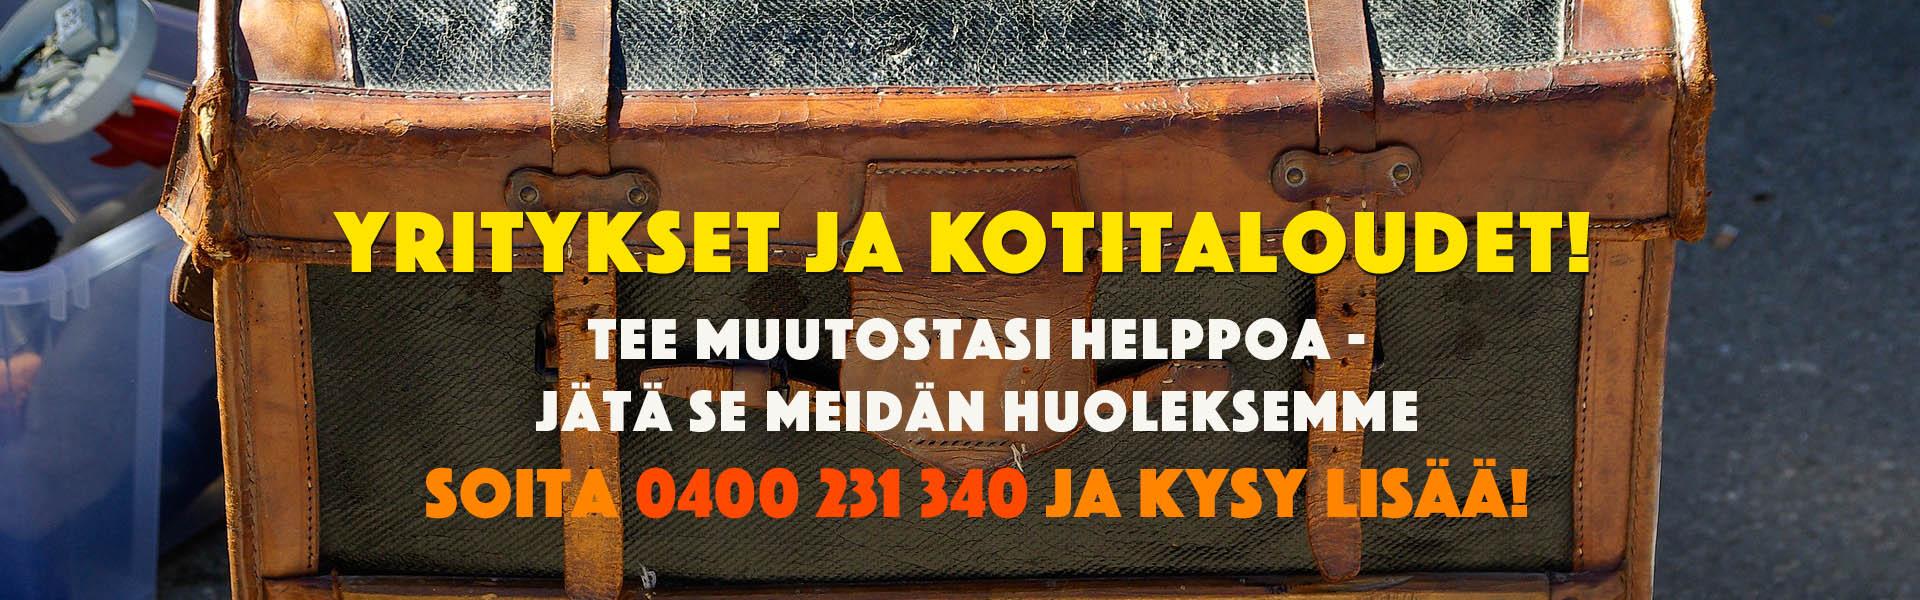 Pianokuljetukset, muutot ja yritysmuutot Tampereella